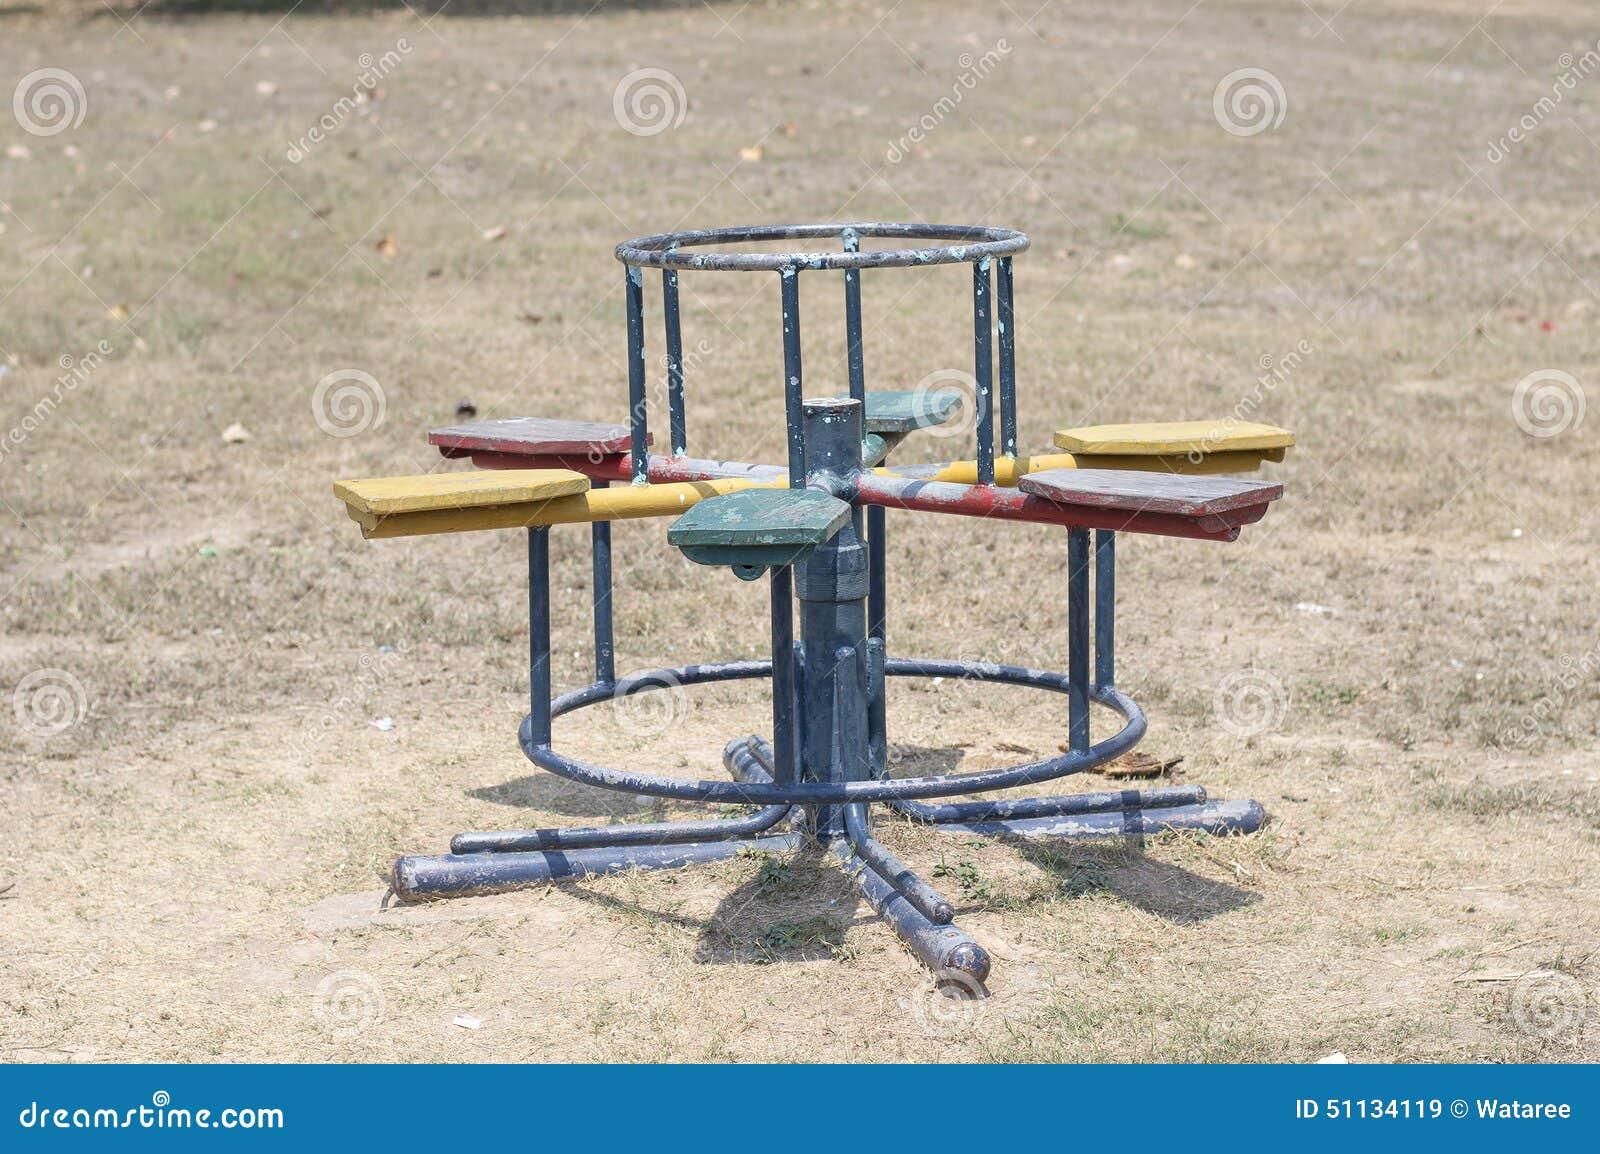 Kinderkarussell Im Spielplatz Stockbild Bild Von Asien Asiatisch